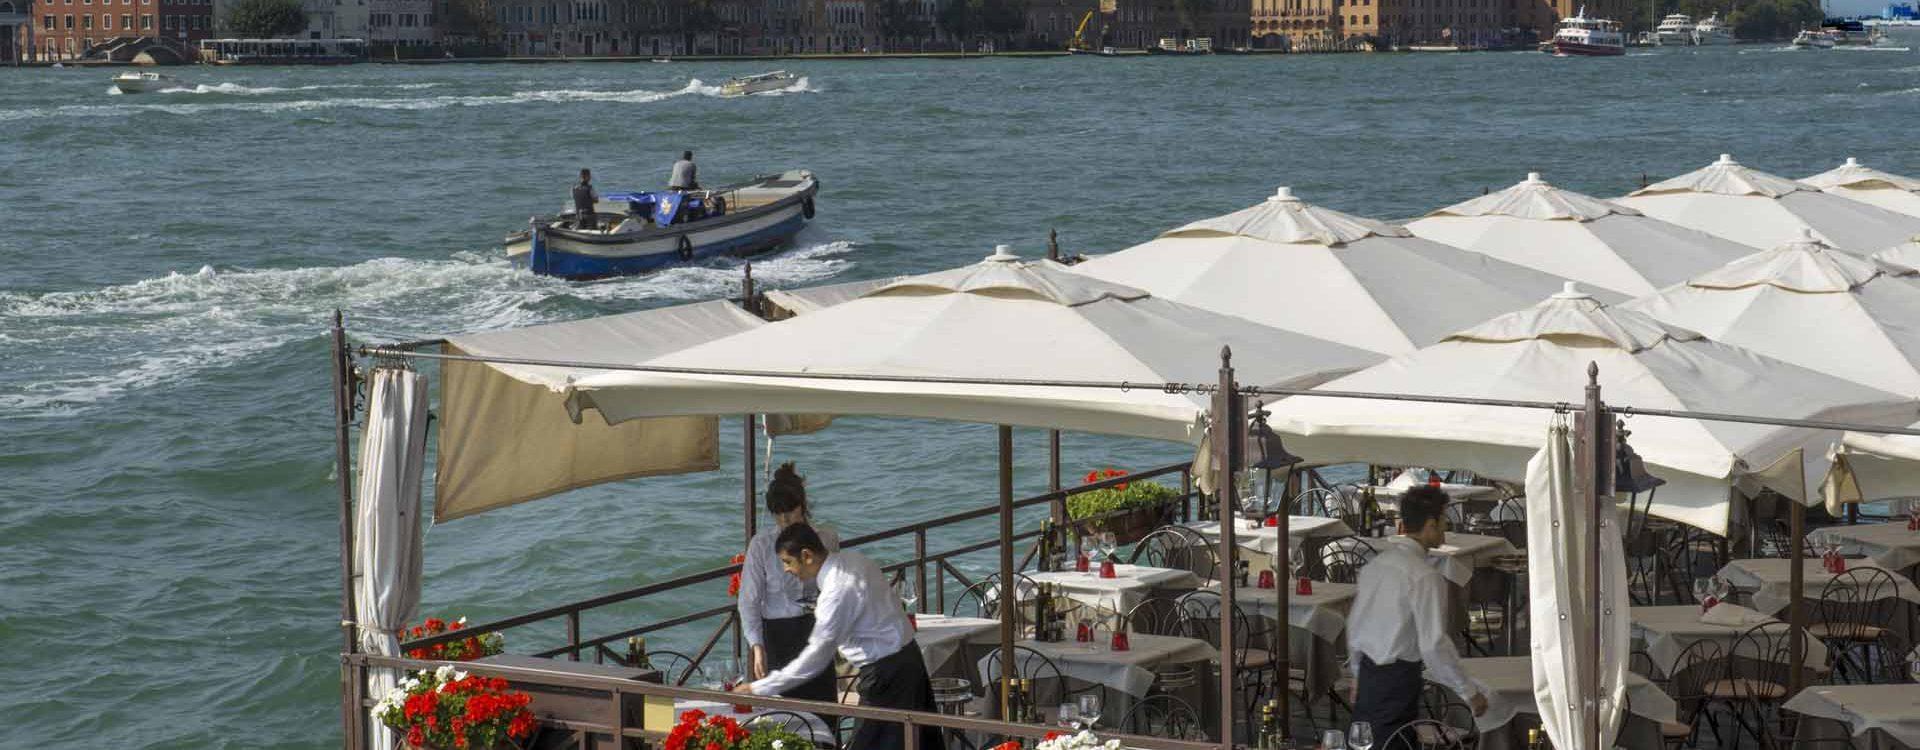 hotel ristorante la calcina venezia 00003